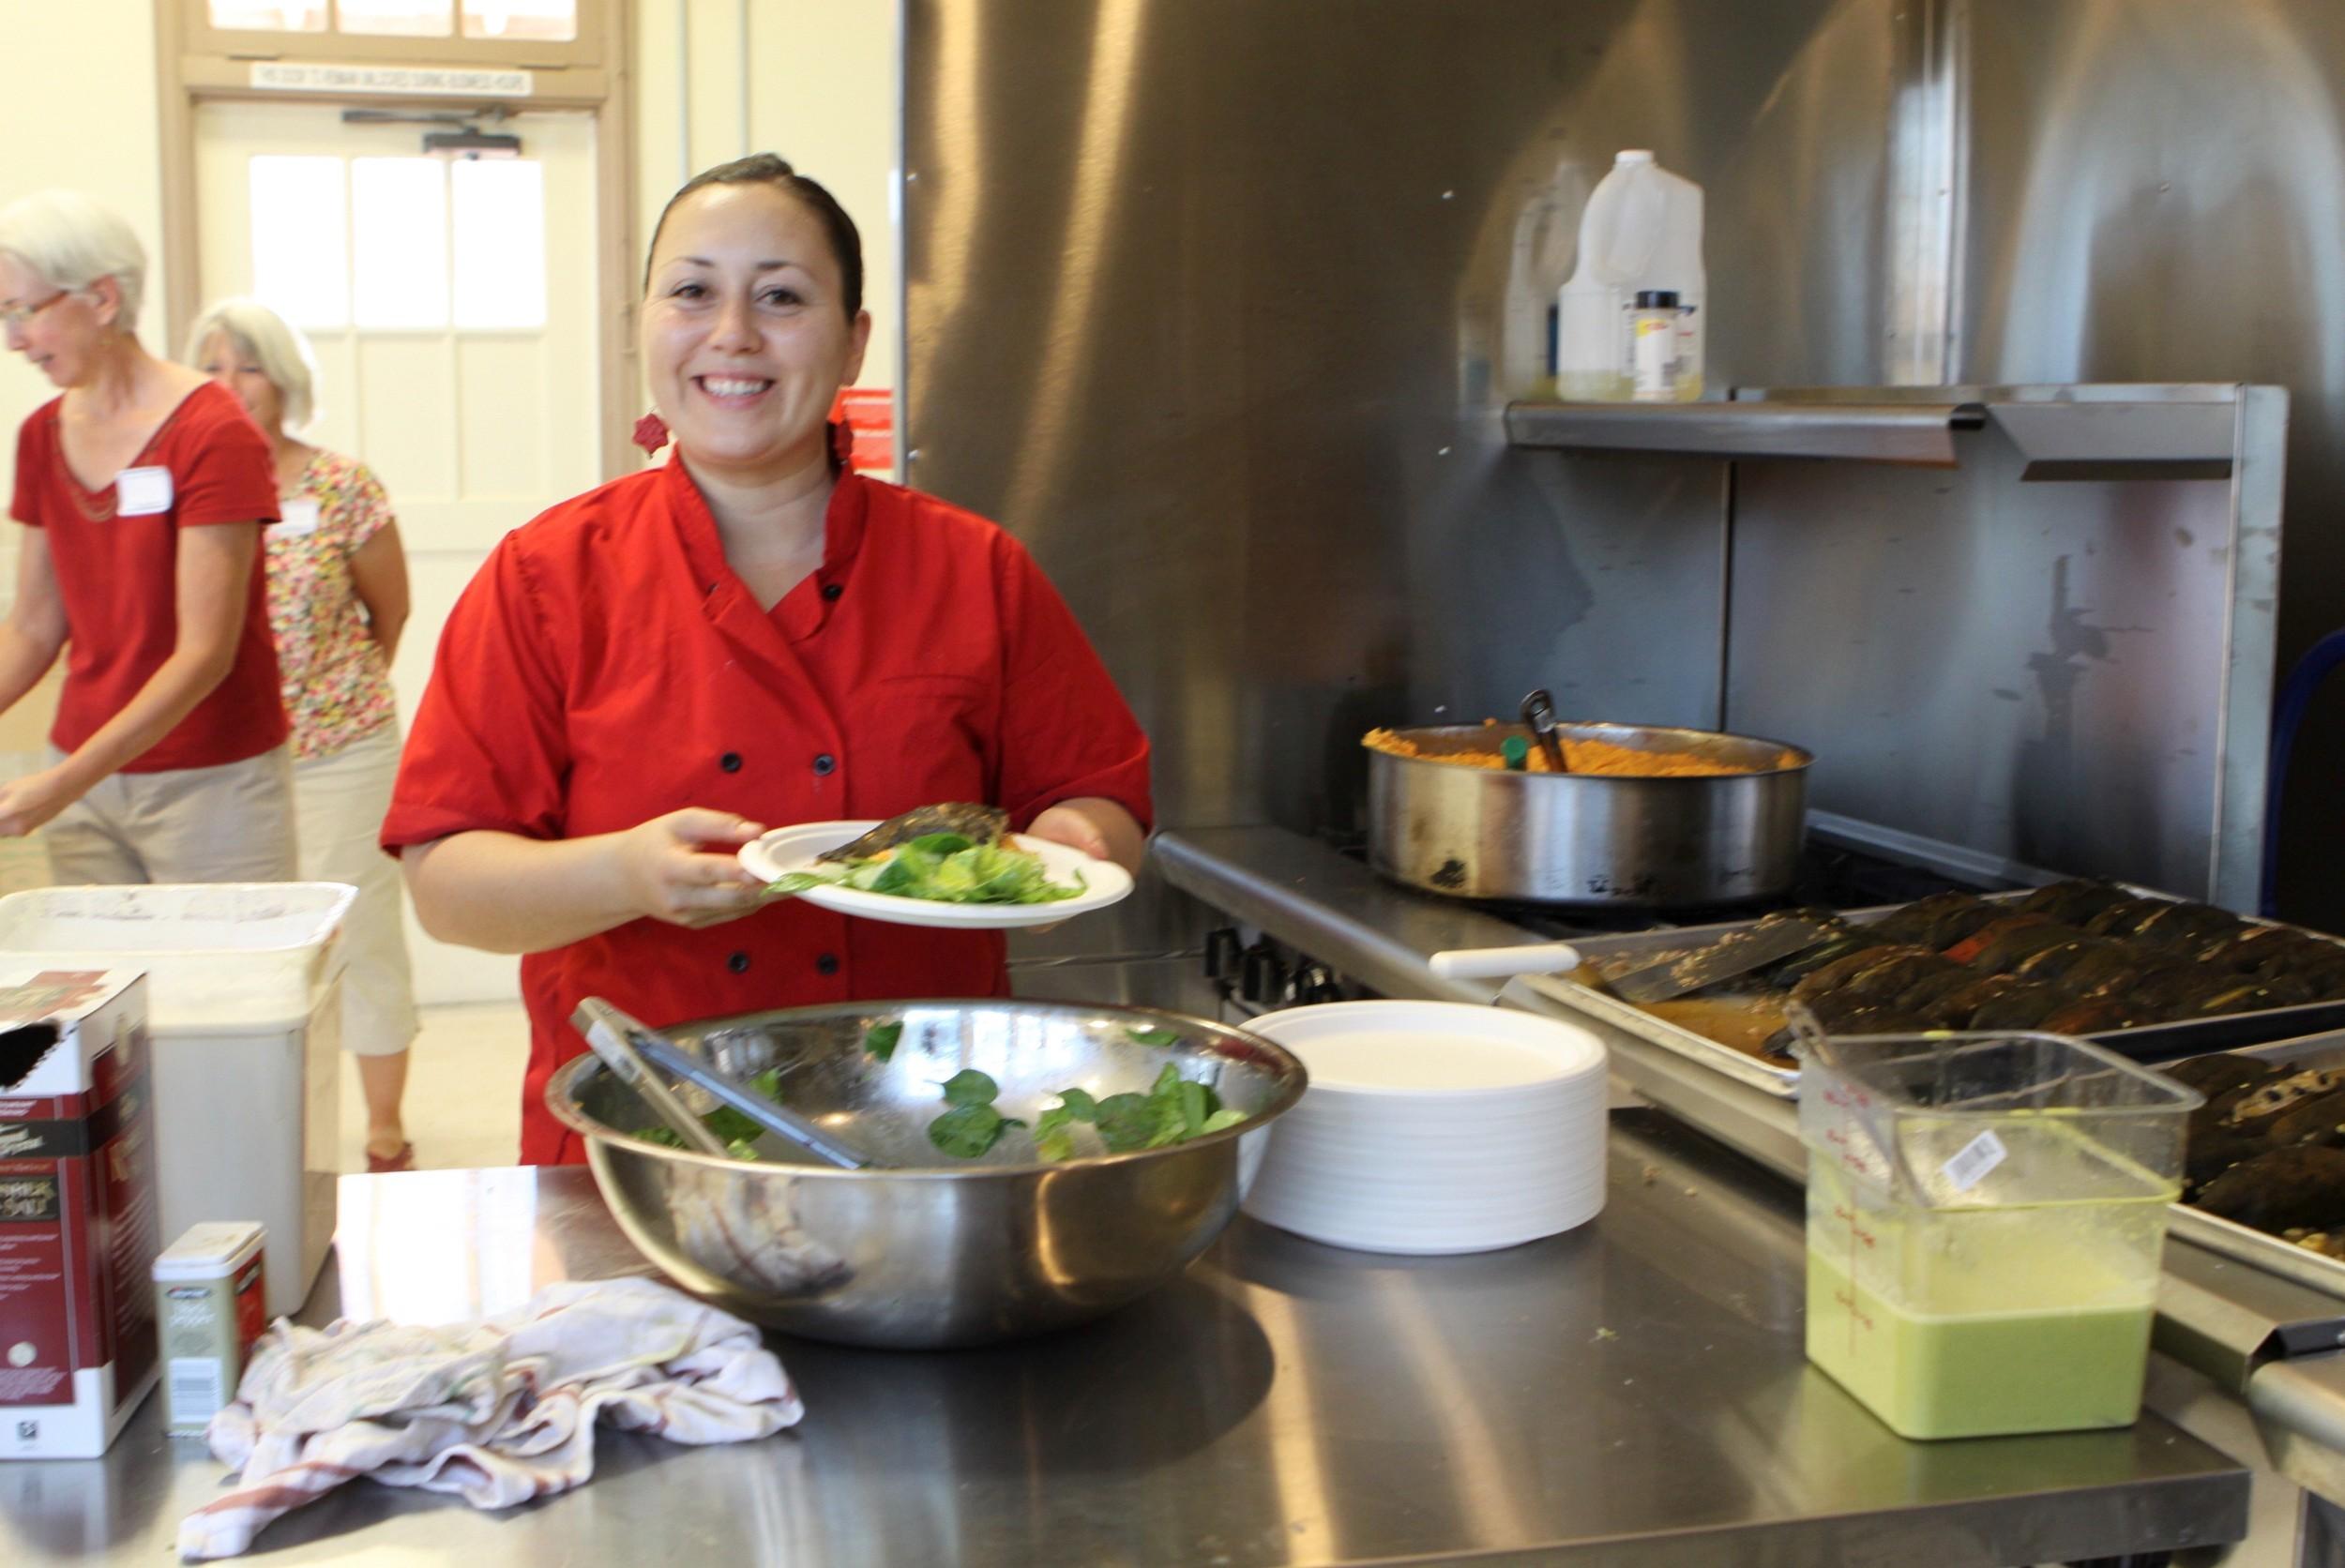 Local chef Christina Vega-Zubiate catering a meal